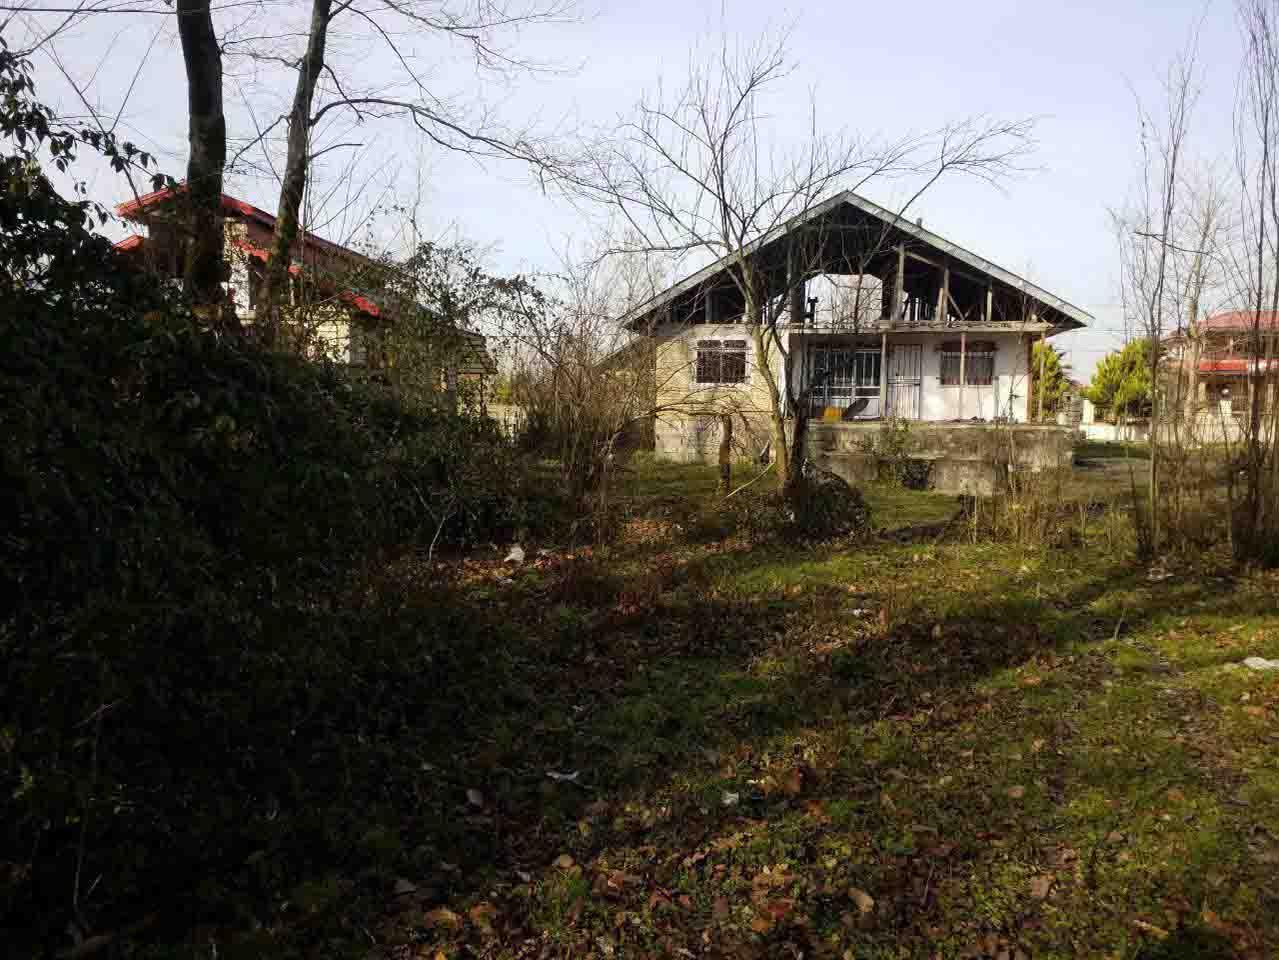 فروش خانه باغ شالیزار 20000 متری سیاهکل